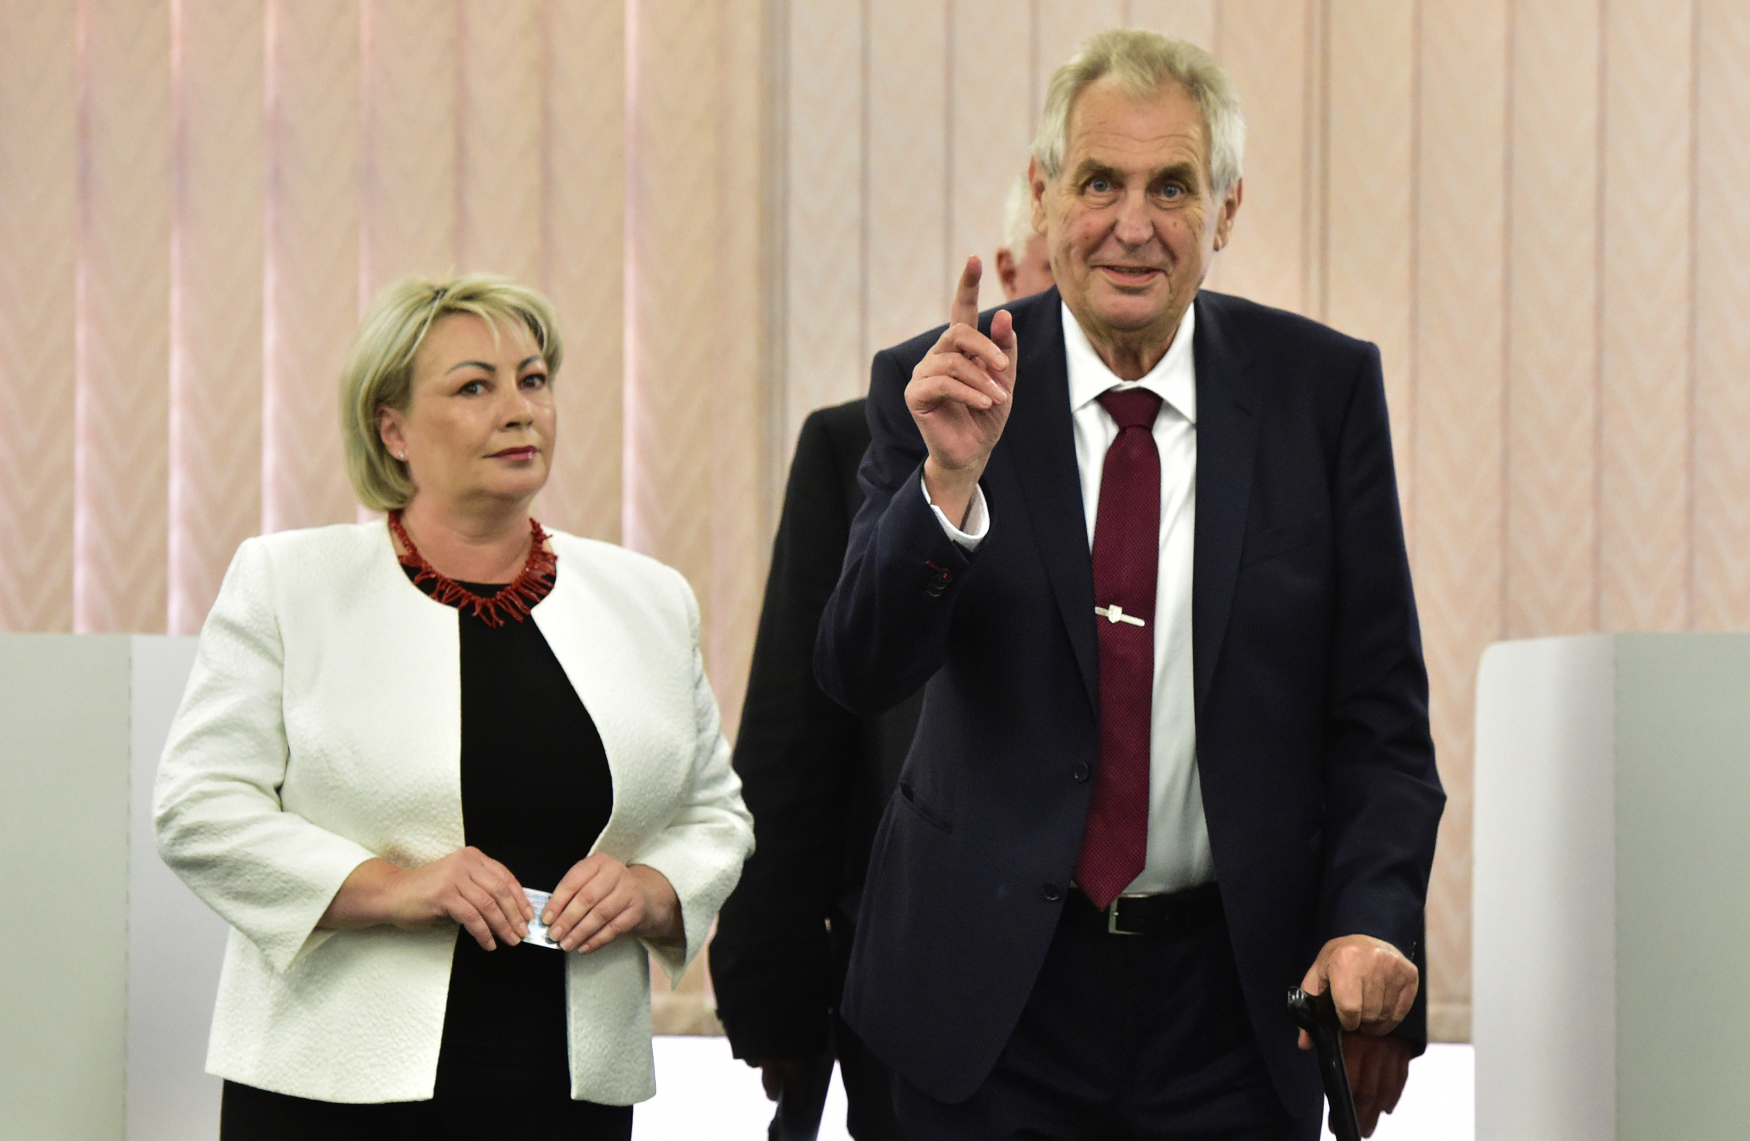 Prezident Miloš Zeman a první dáma Ivana Zemanová byli volit v budově Základní školy v Brdičkově ulici v Praze 5 – Lužiny.